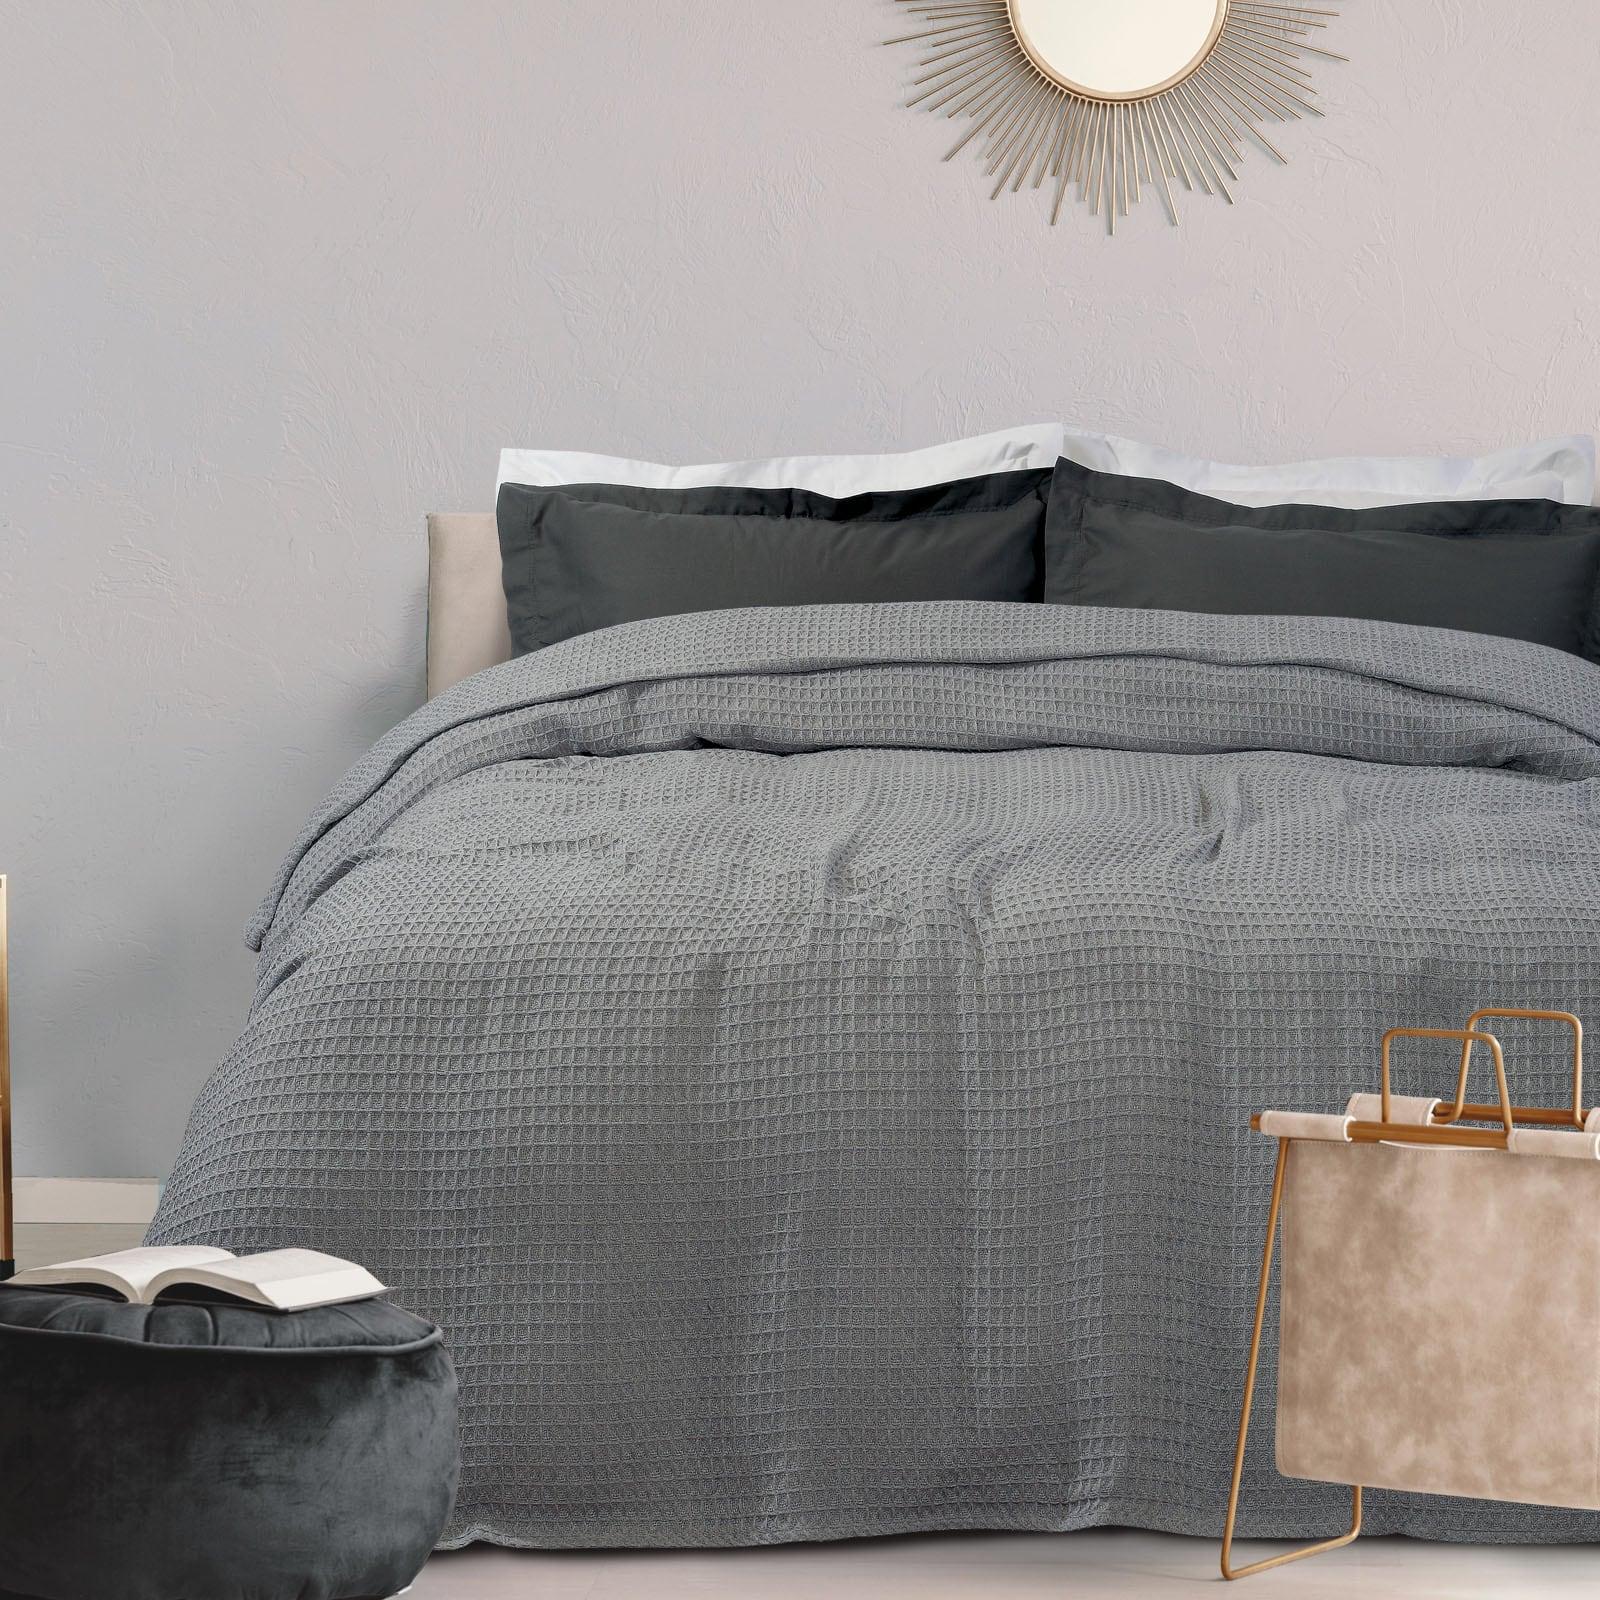 Κουβέρτα Πικέ 0438 Light Grey Das Home Υπέρδιπλo 230x250cm